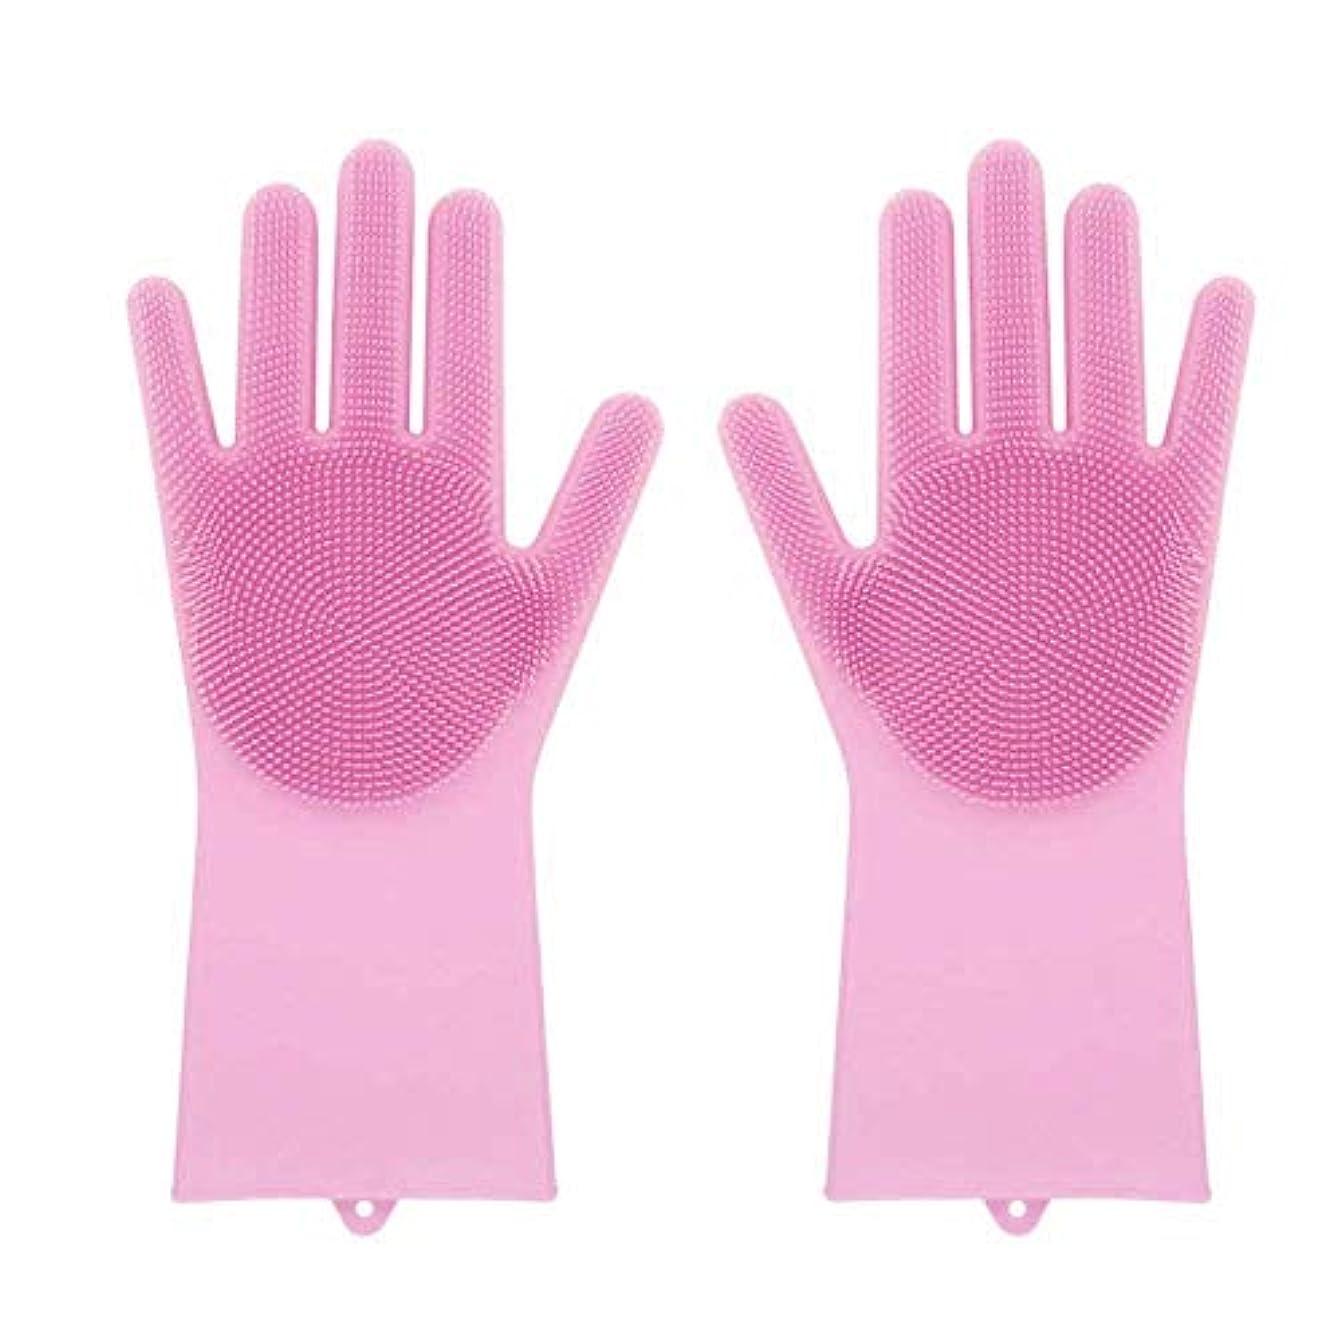 プロット一過性共産主義者シリコン製耐熱手袋 ブラシ付 防水 滑り止め オーブンミトン 食器、車、ガラスなどの洗濯用/ペットマッサージ用 (ピンク)